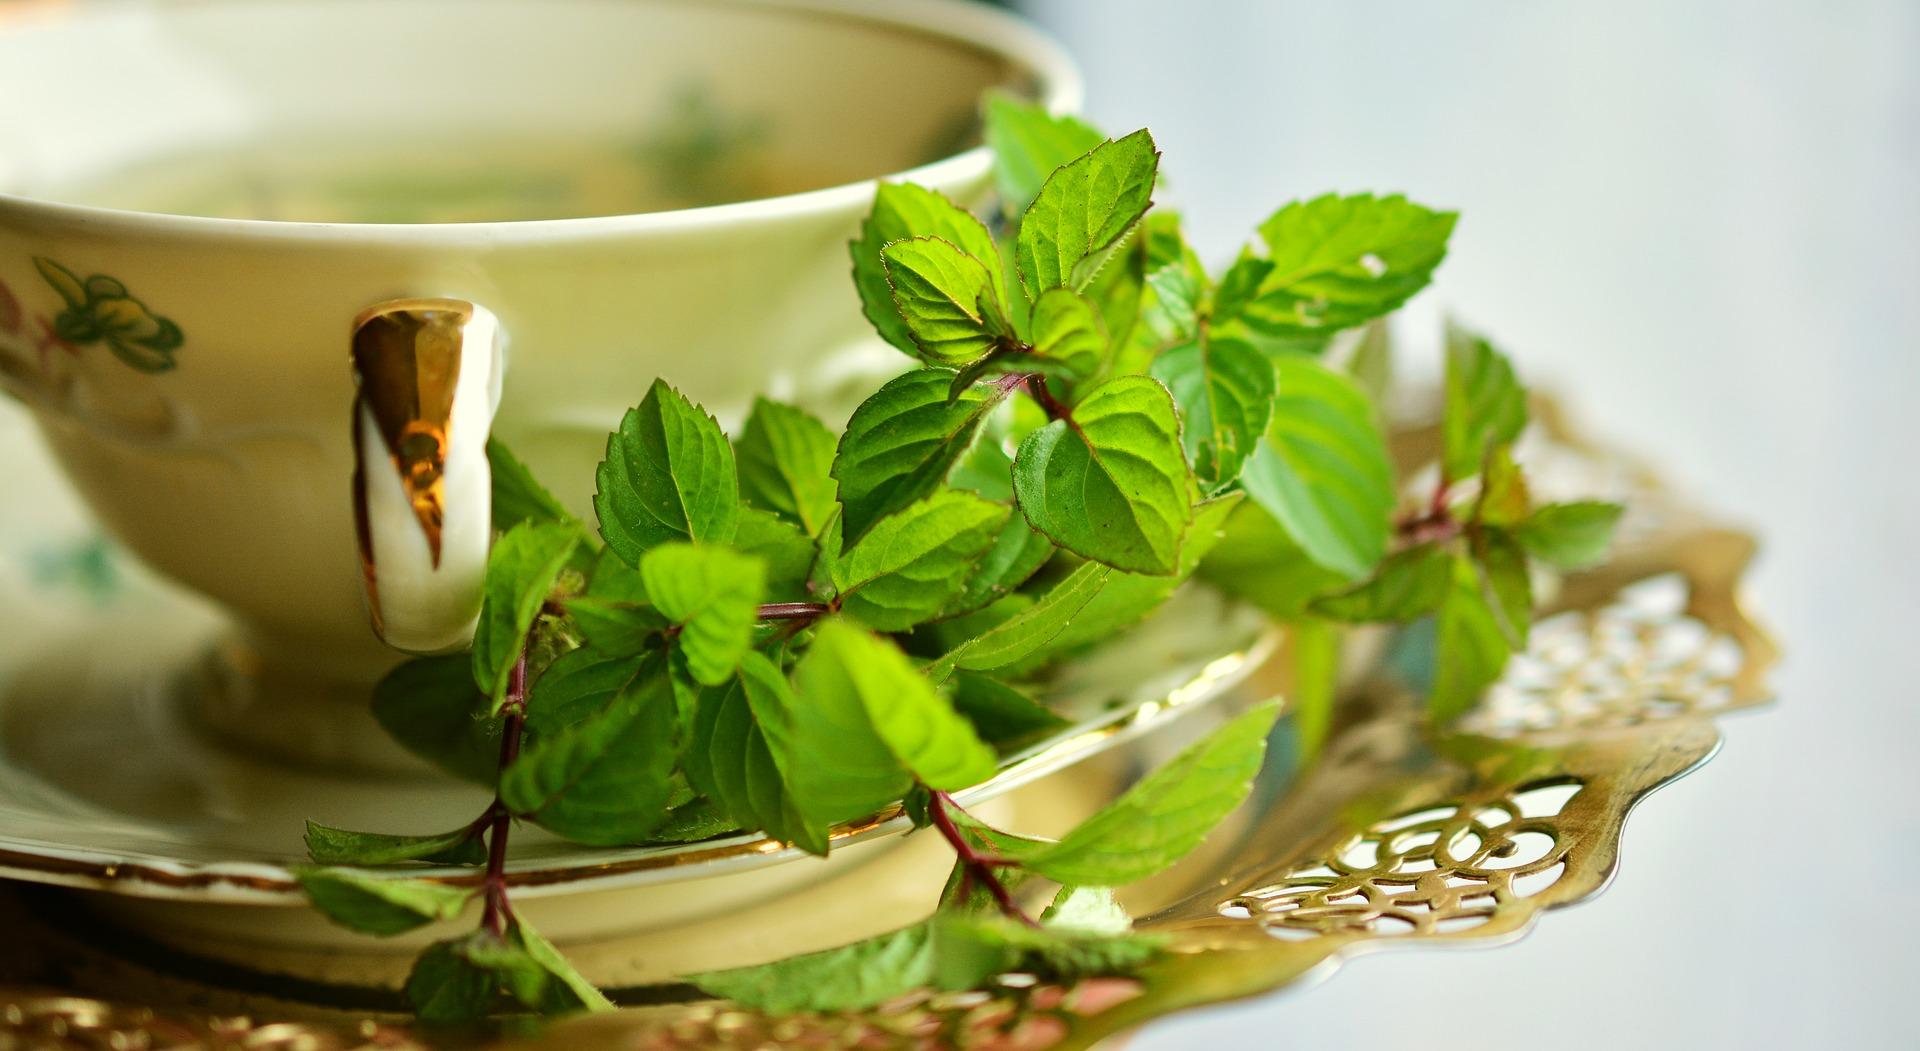 Učinkovitost izvlečka zelenega čaja